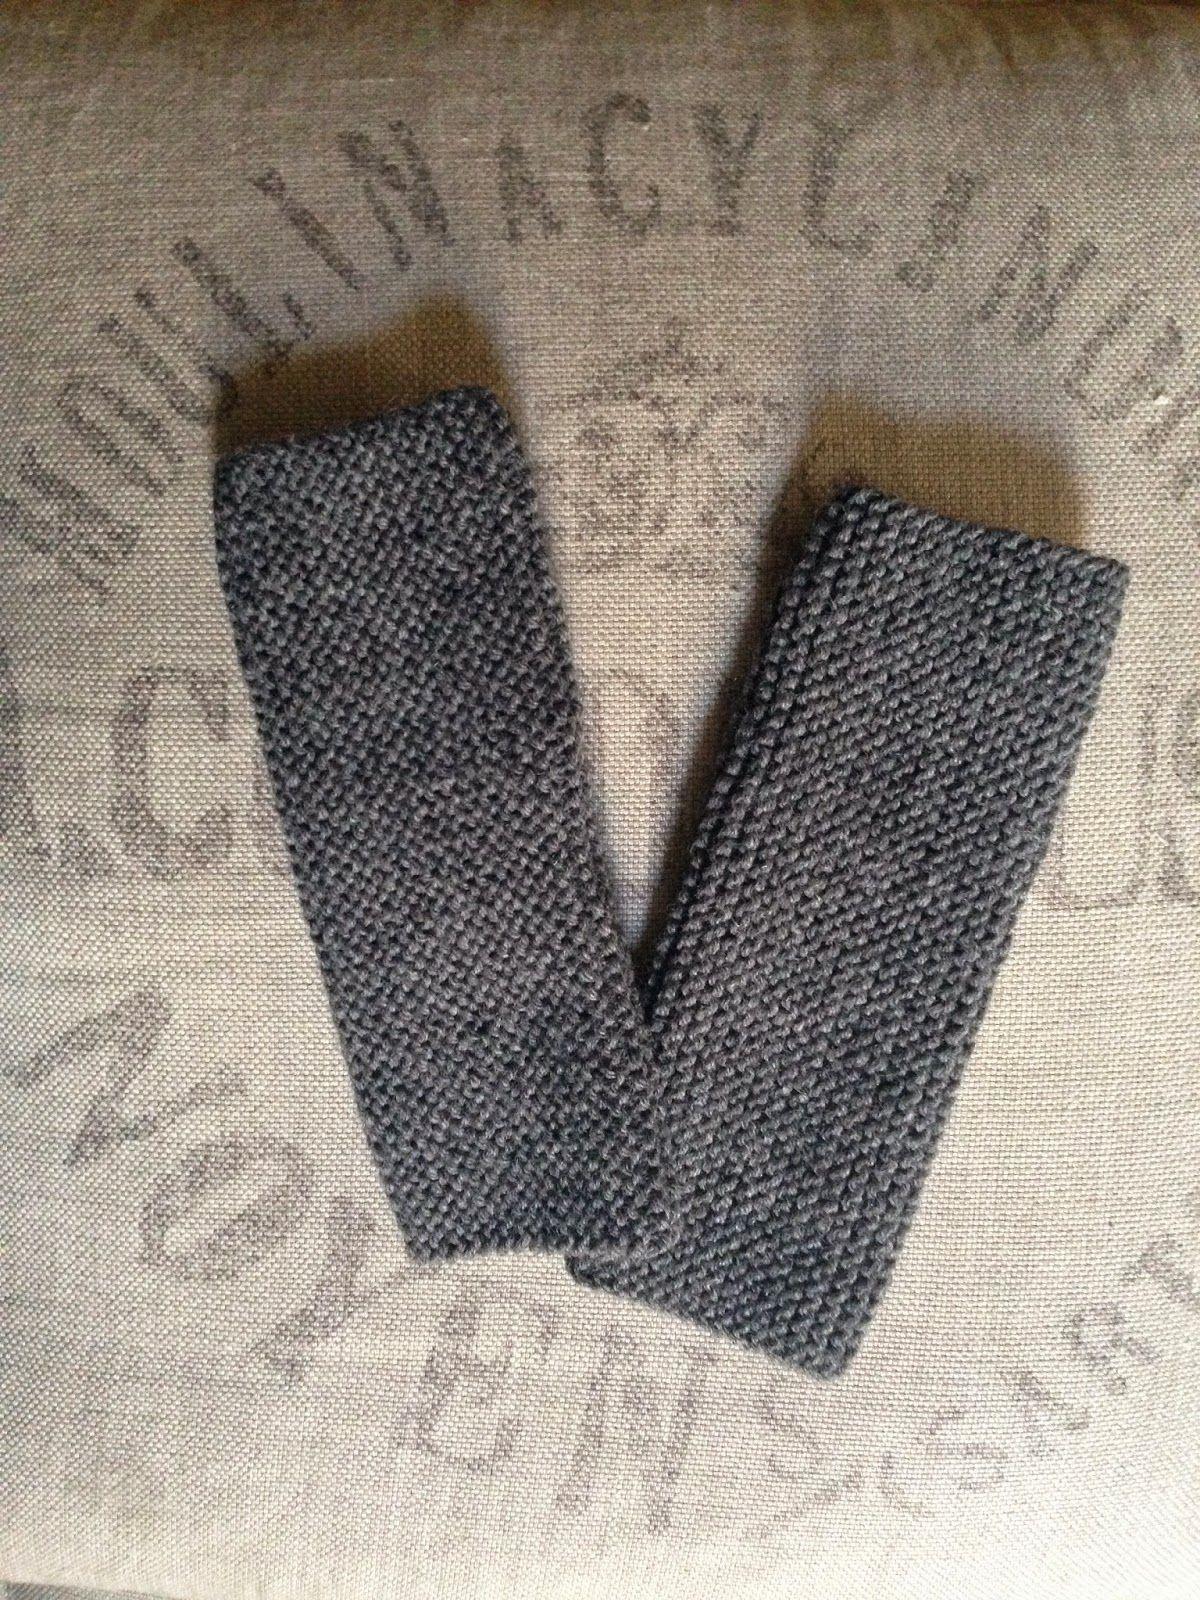 crochet-queen: A little bit of knitting. knitted hand warmers by Edita Ostrova